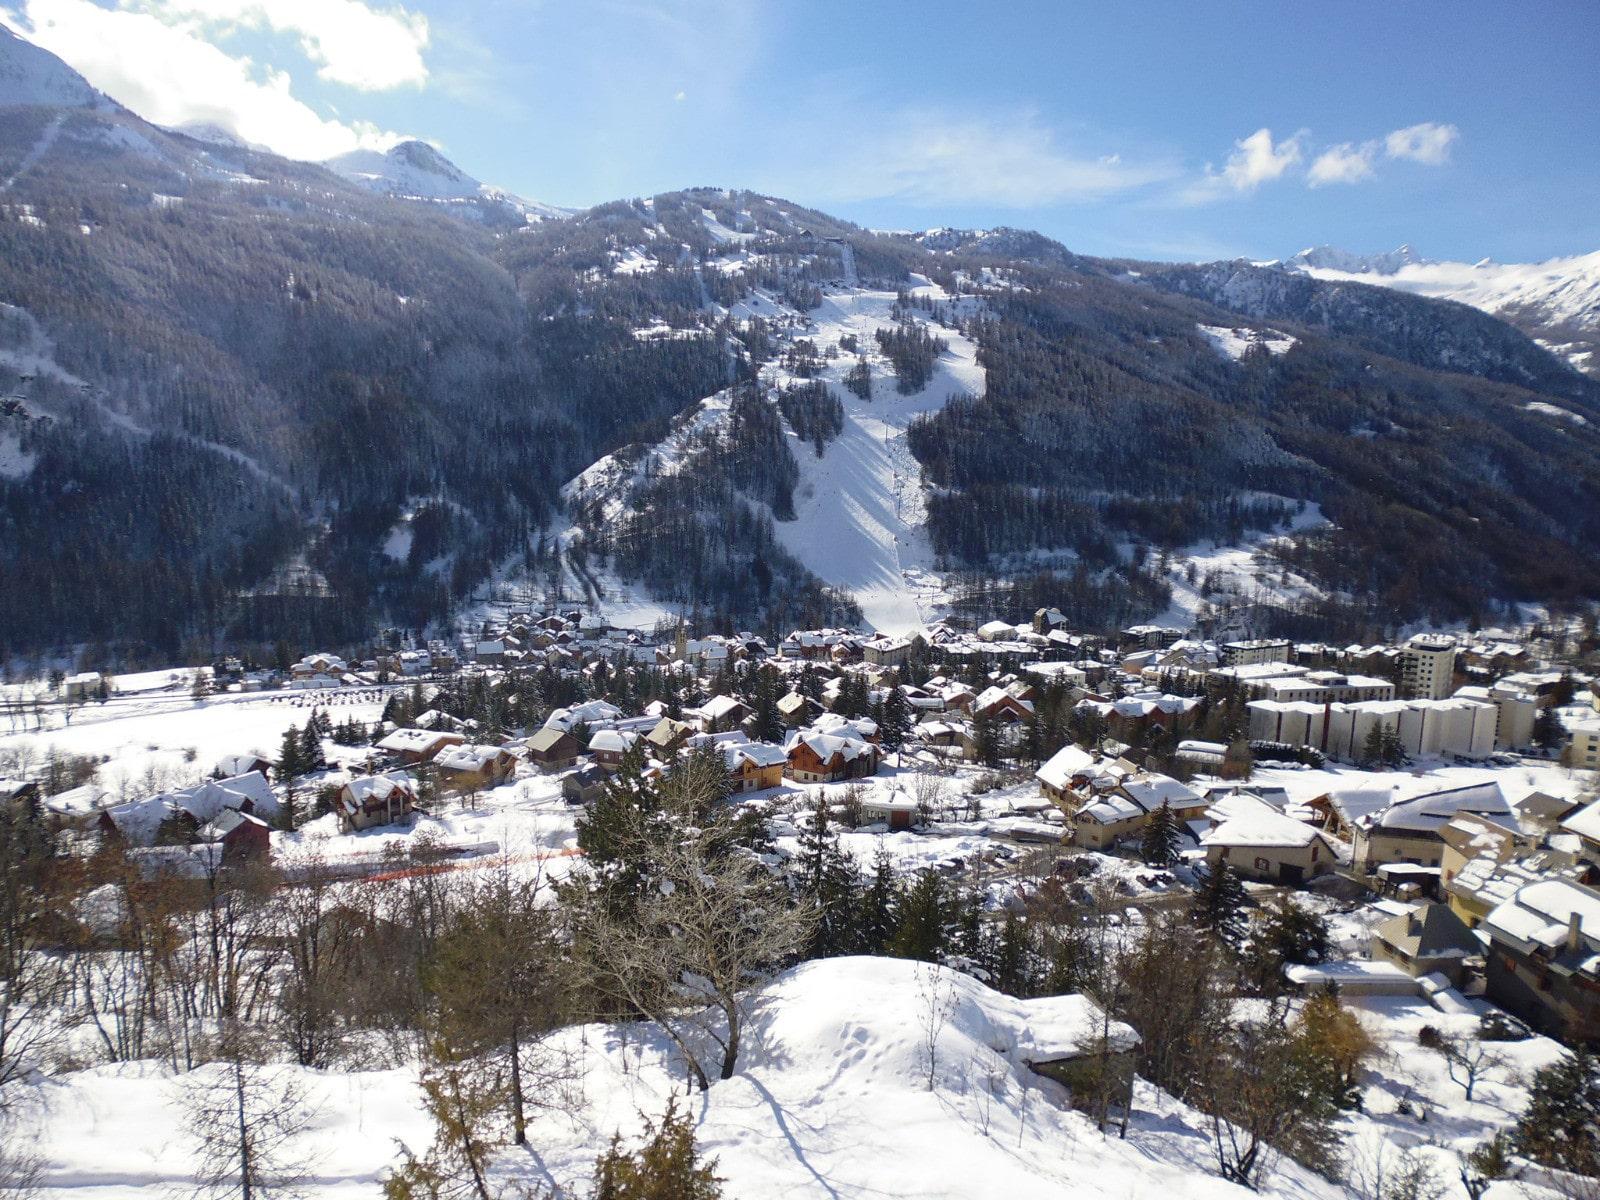 Actualités Serre Chevalier - News et événements de la station de ski de Serre Chevalier - www.skiinfo.fr 1